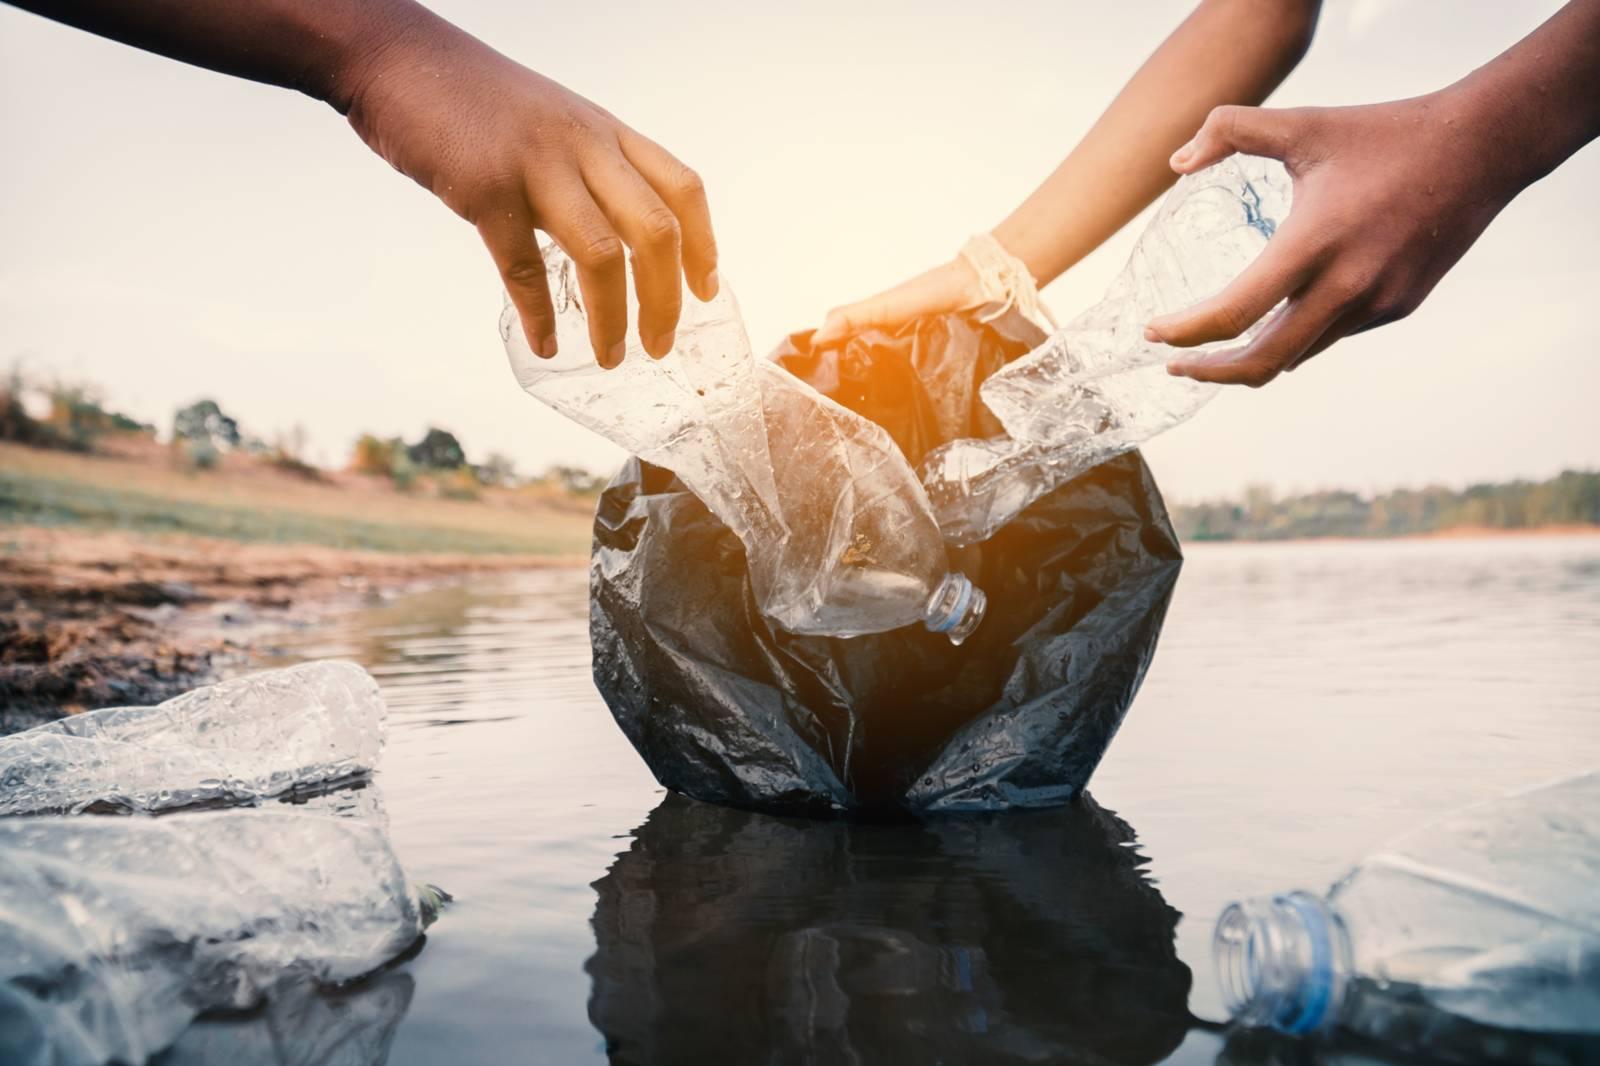 Zwei Menschen, die Plastikflaschen aus dem Wasser ziehen.